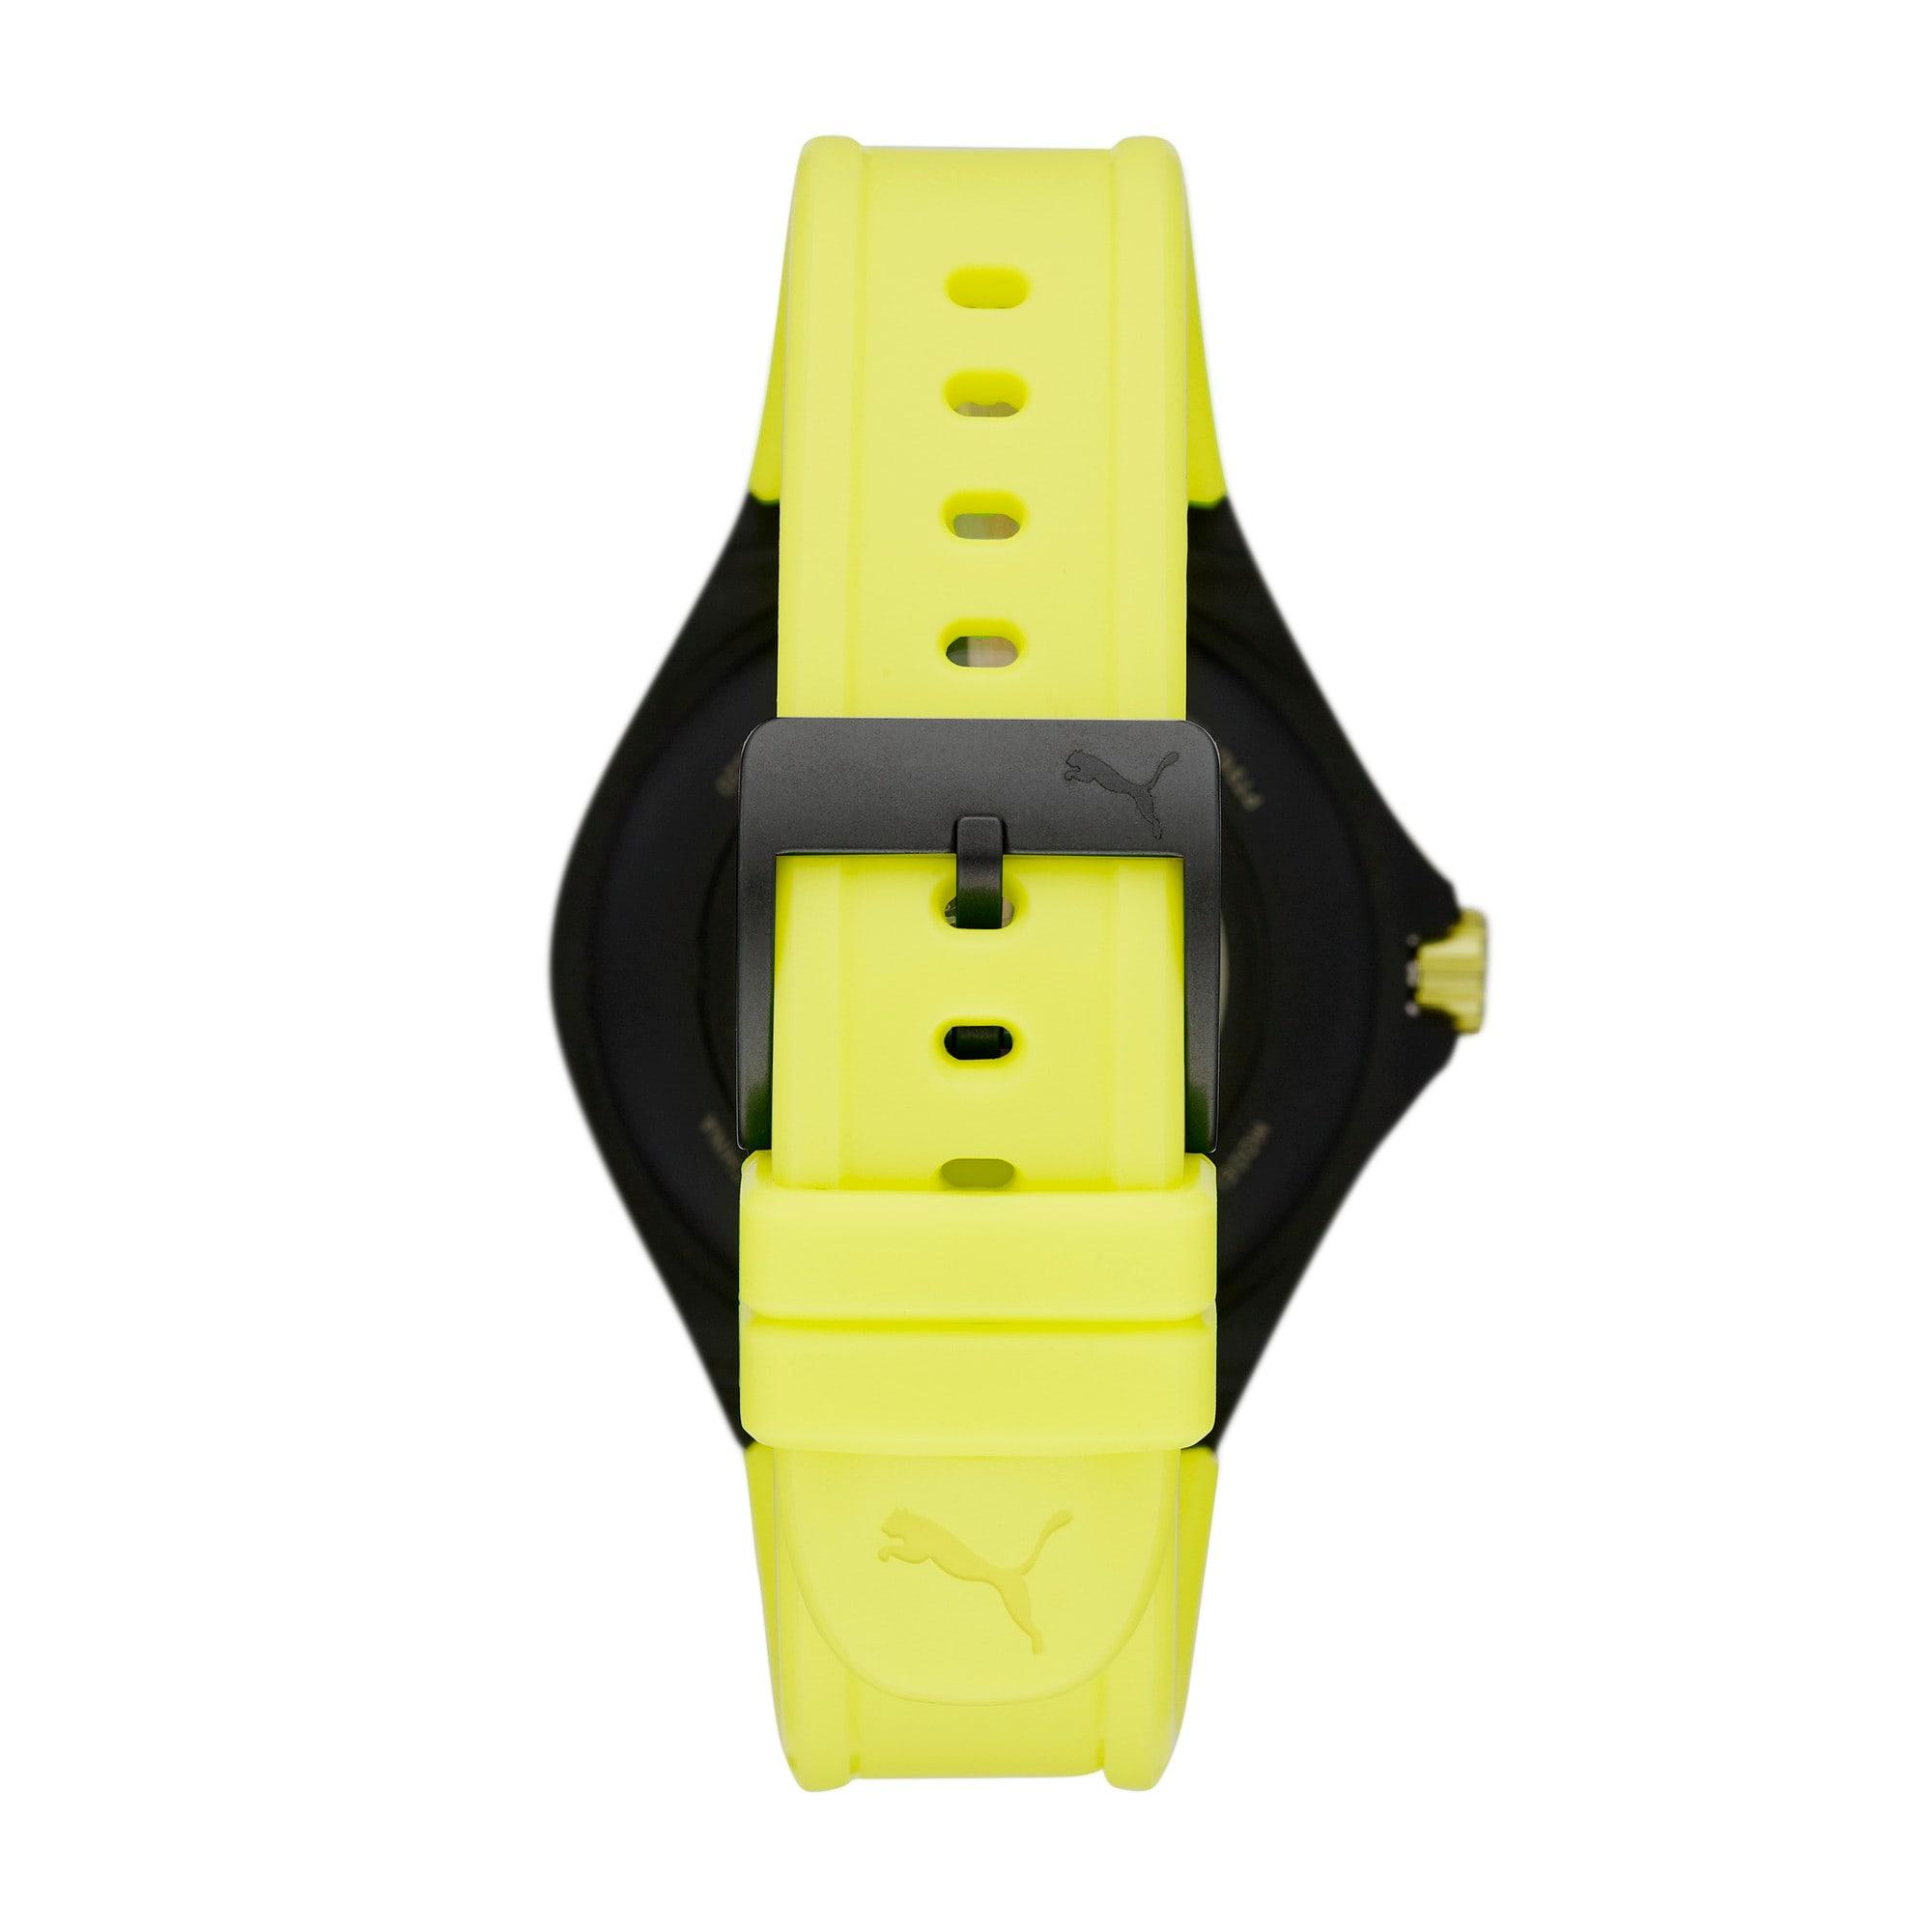 Thumbnail 3 of ユニセックス プーマ ハート レート 44mm スマートウォッチ 時計, Yellow/Black, medium-JPN